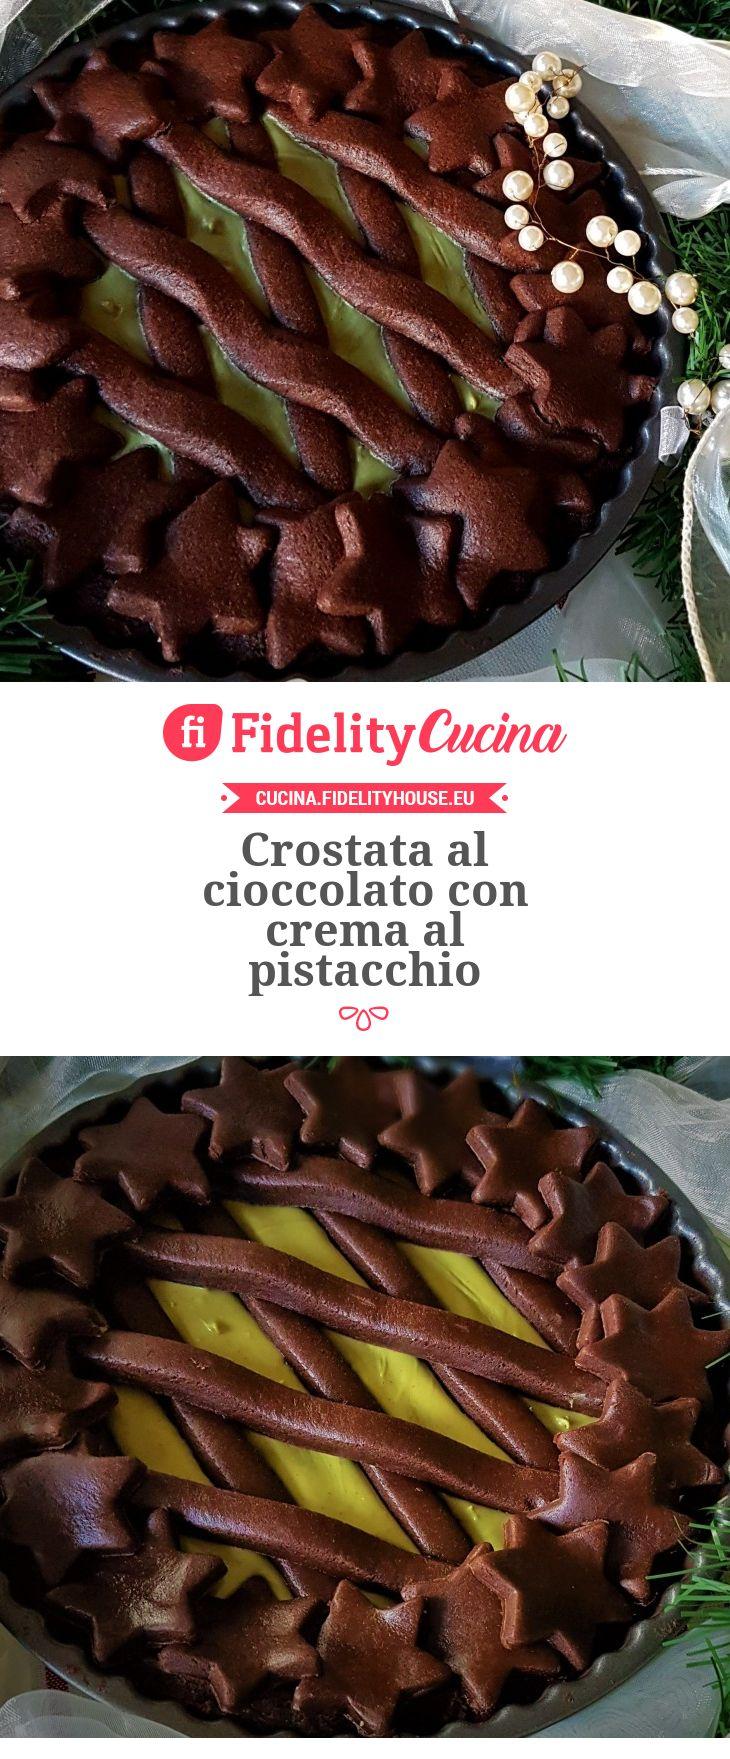 Crostata al cioccolato con crema al pistacchio